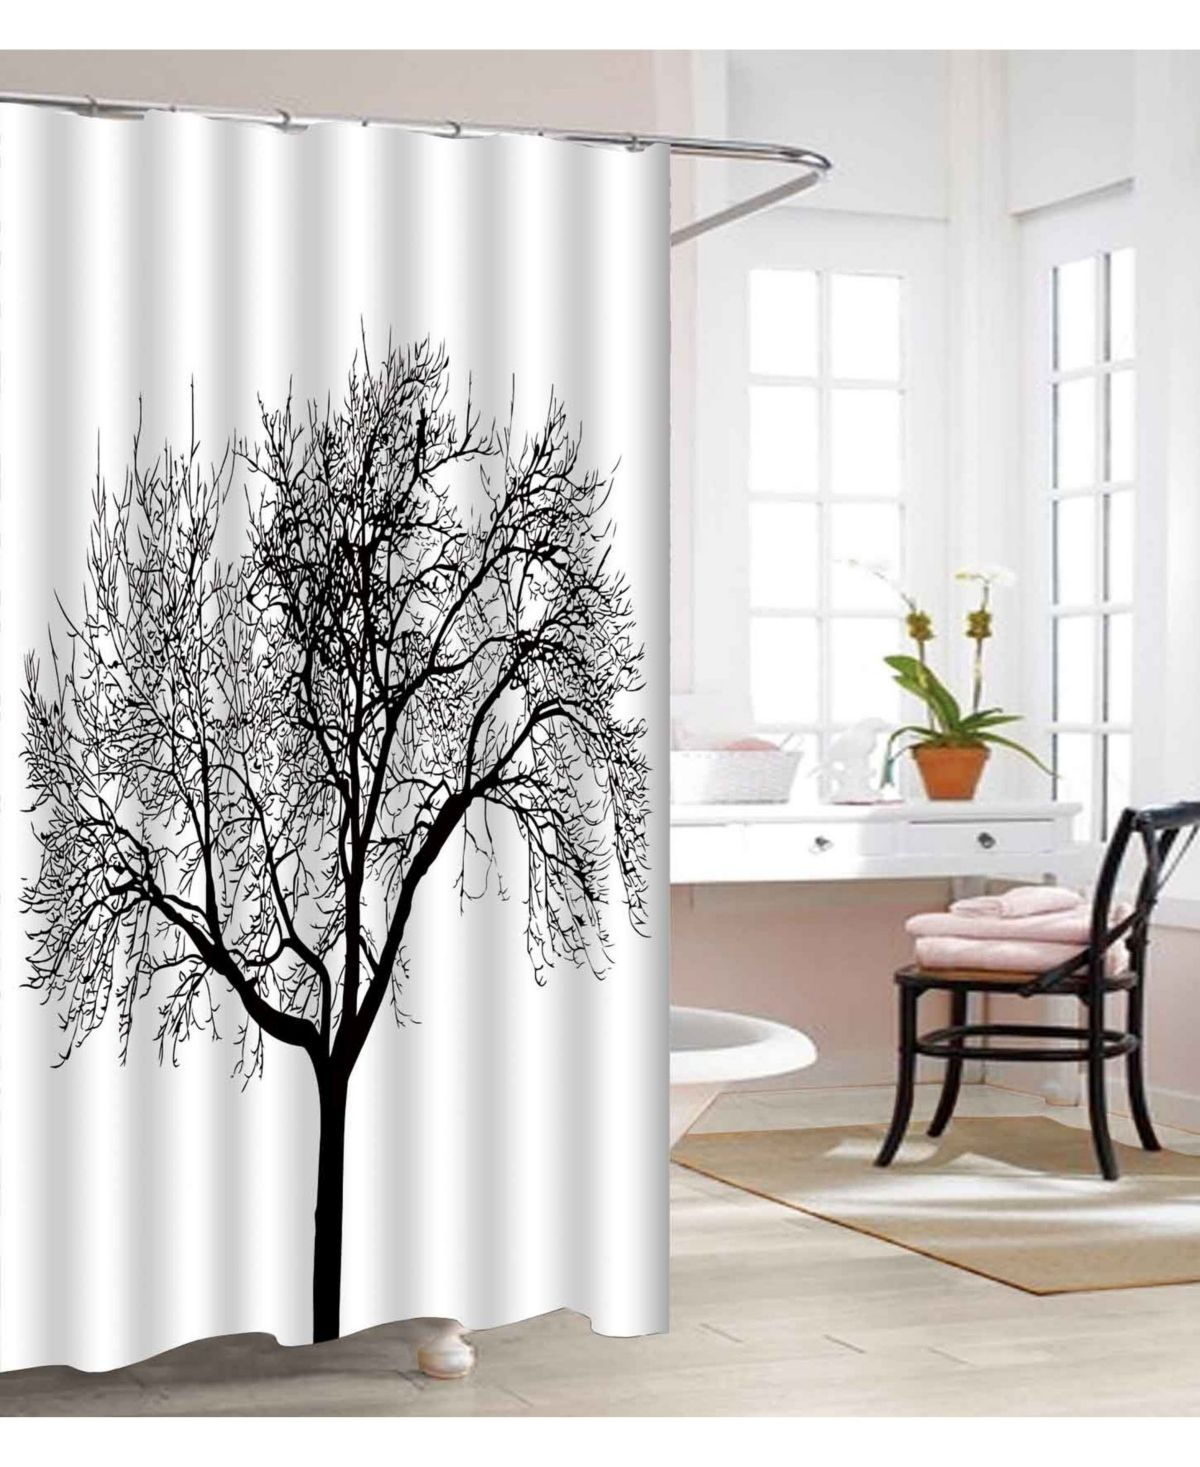 Elegant Comfort Luxury Premium Quality 3d Graphic Printed Bathroom